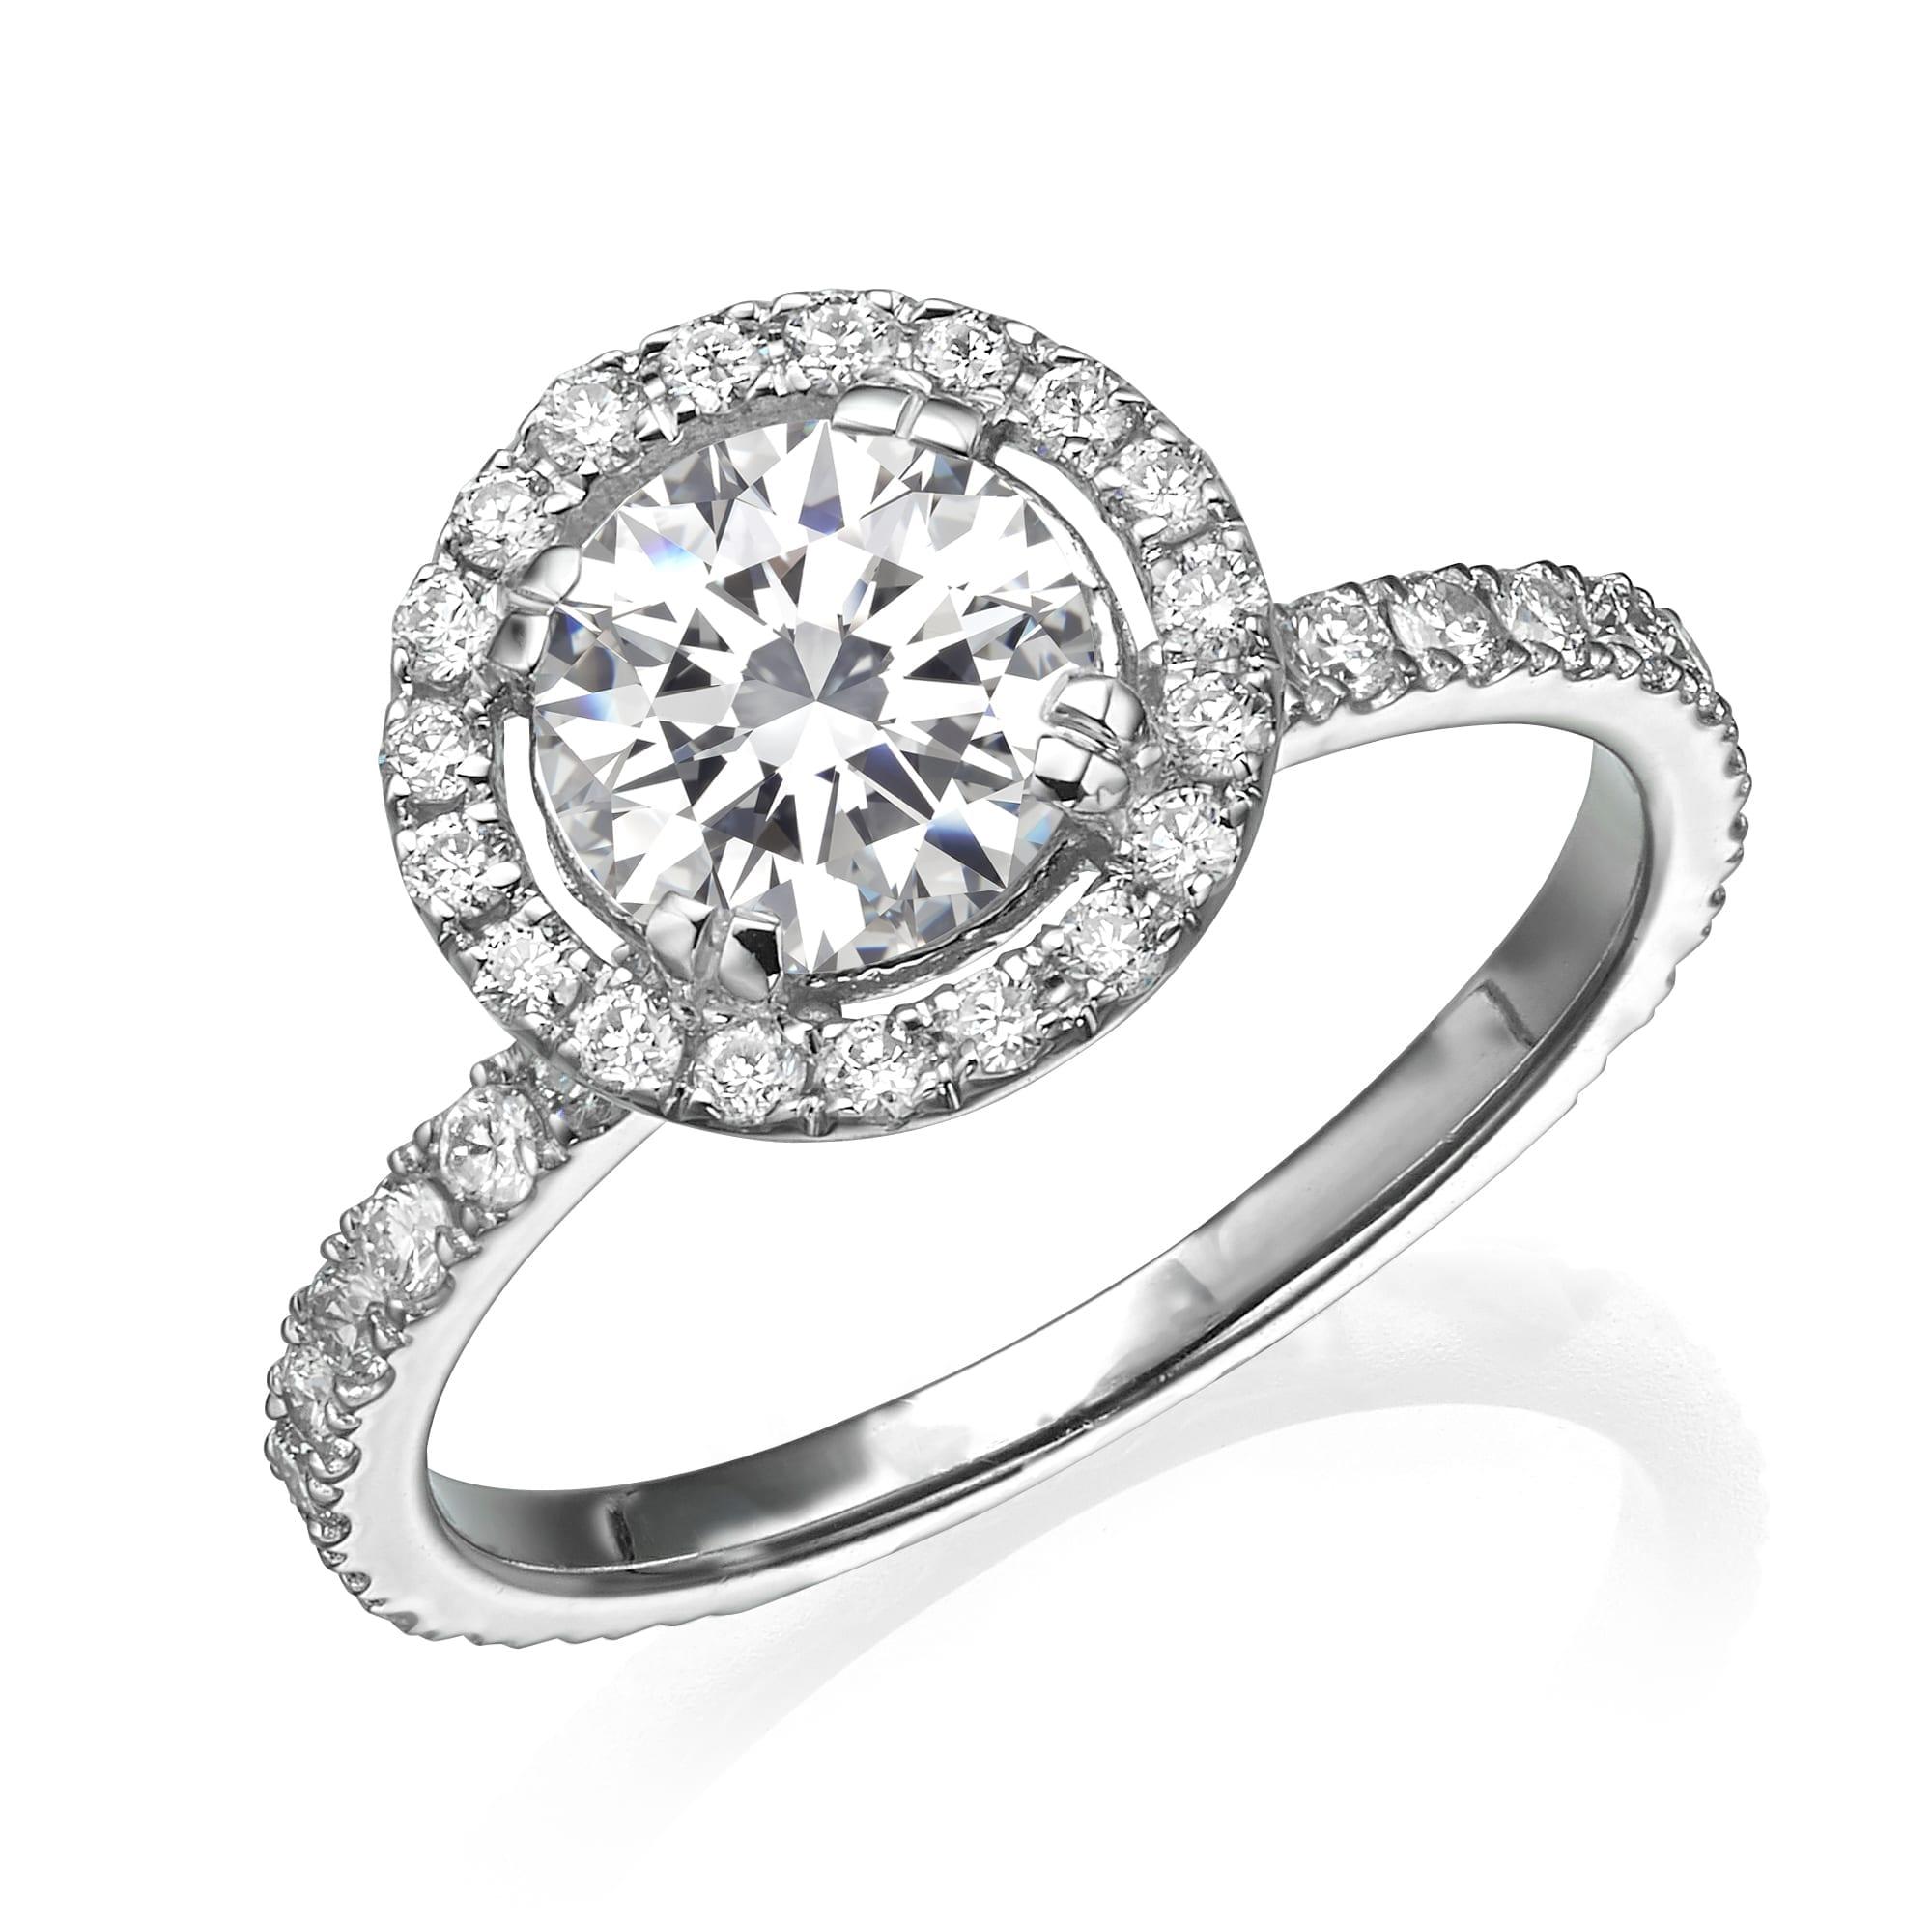 טבעת אירוסין 1.72 קראט ב-40% הנחה!!!